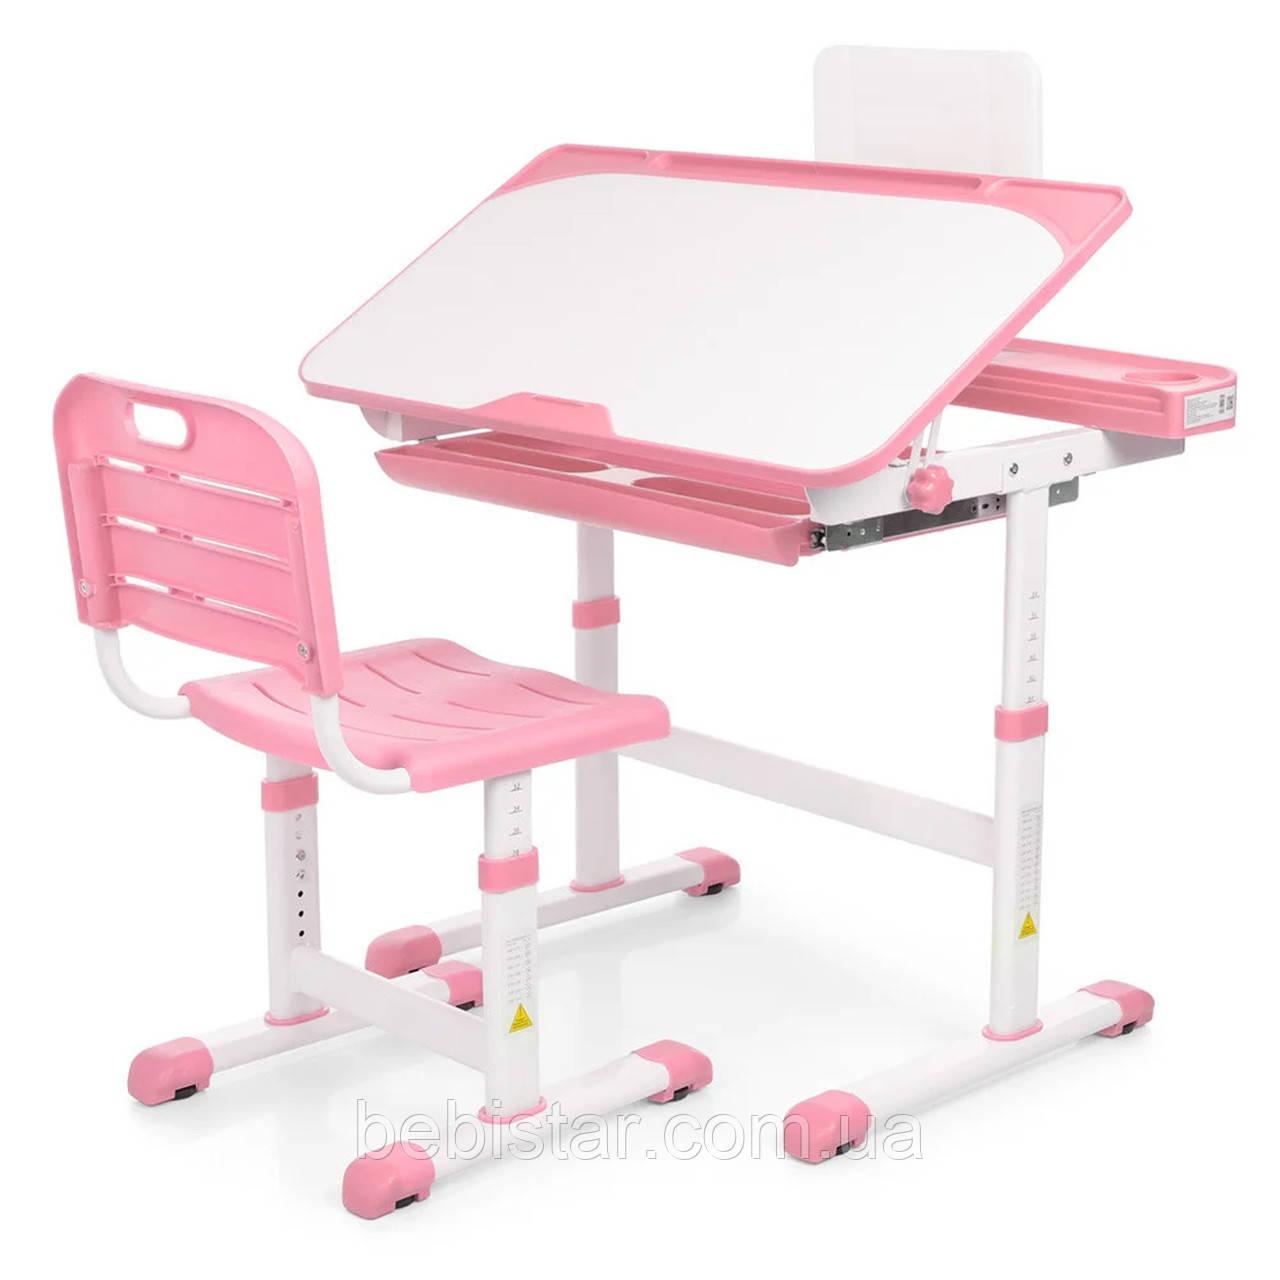 """Детская парта трансформер """"Bambi"""" для девочек от 3 до 16 лет цвет розовый столешница 80 х 45 см"""